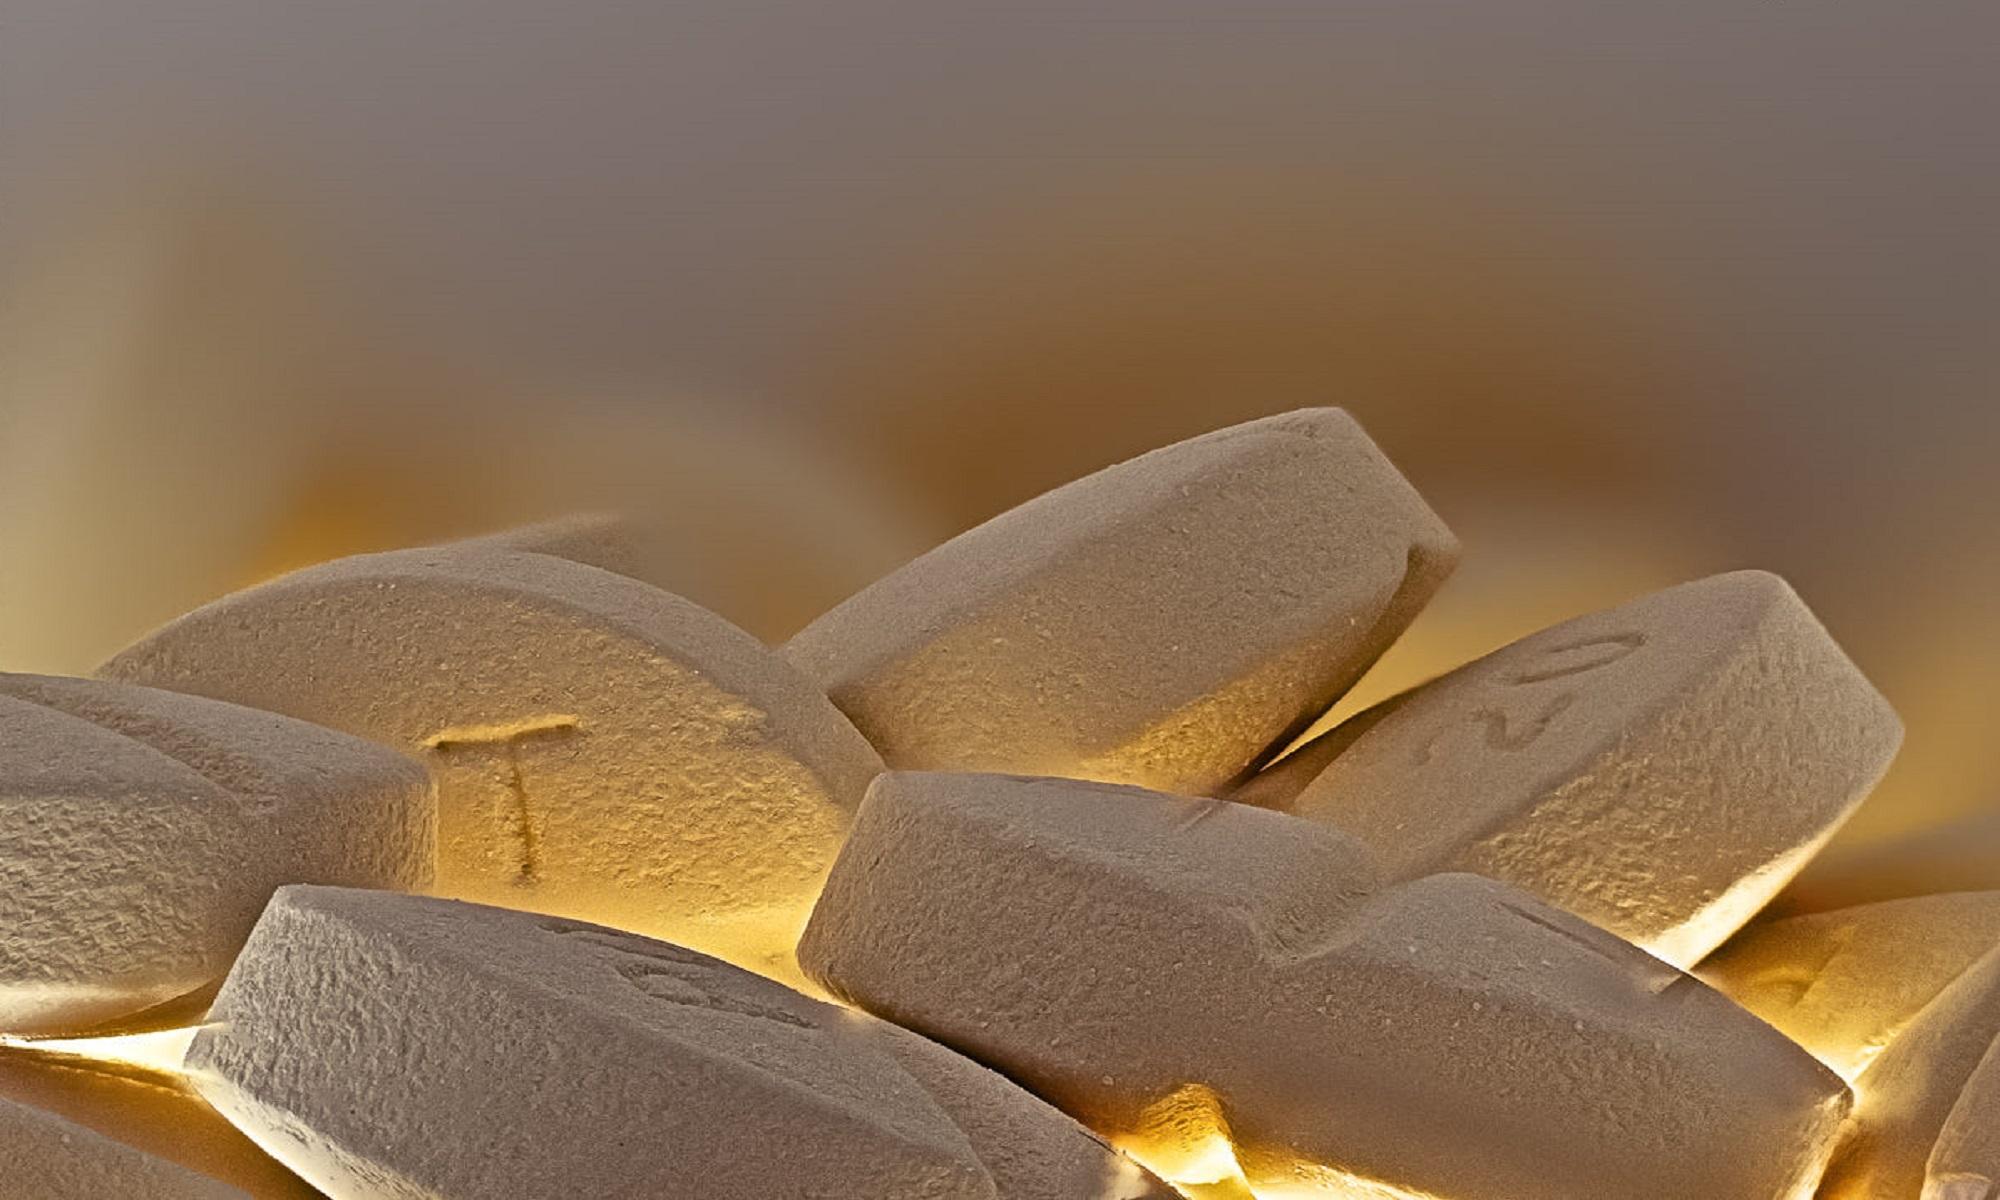 Sovremennaya-tabletka-ot-starosti